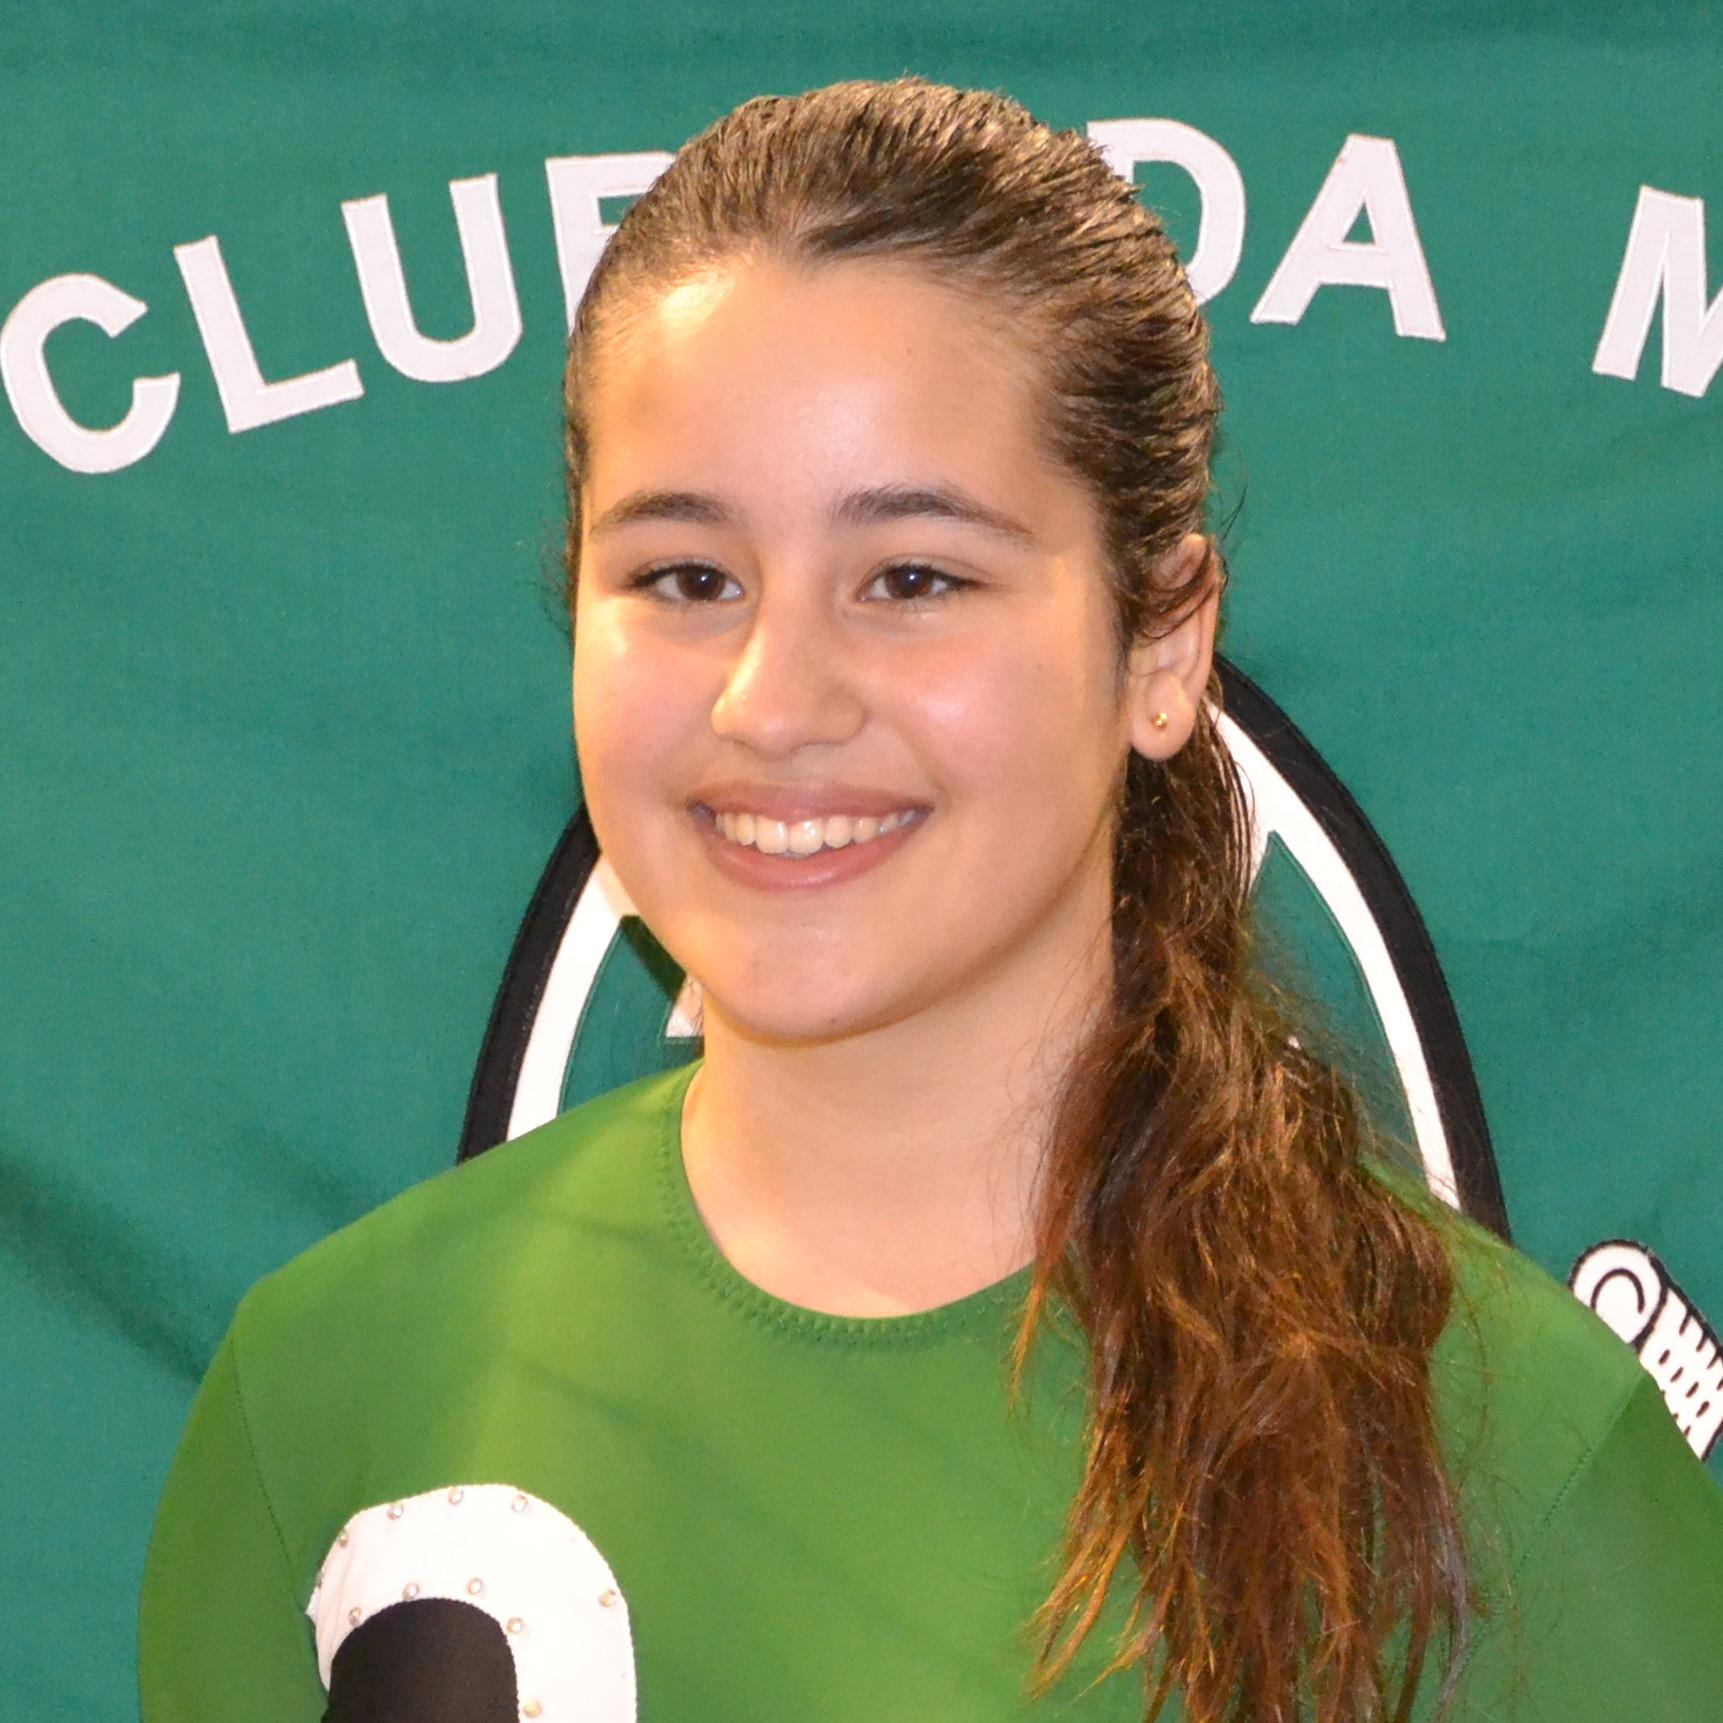 Kelly Nogueira